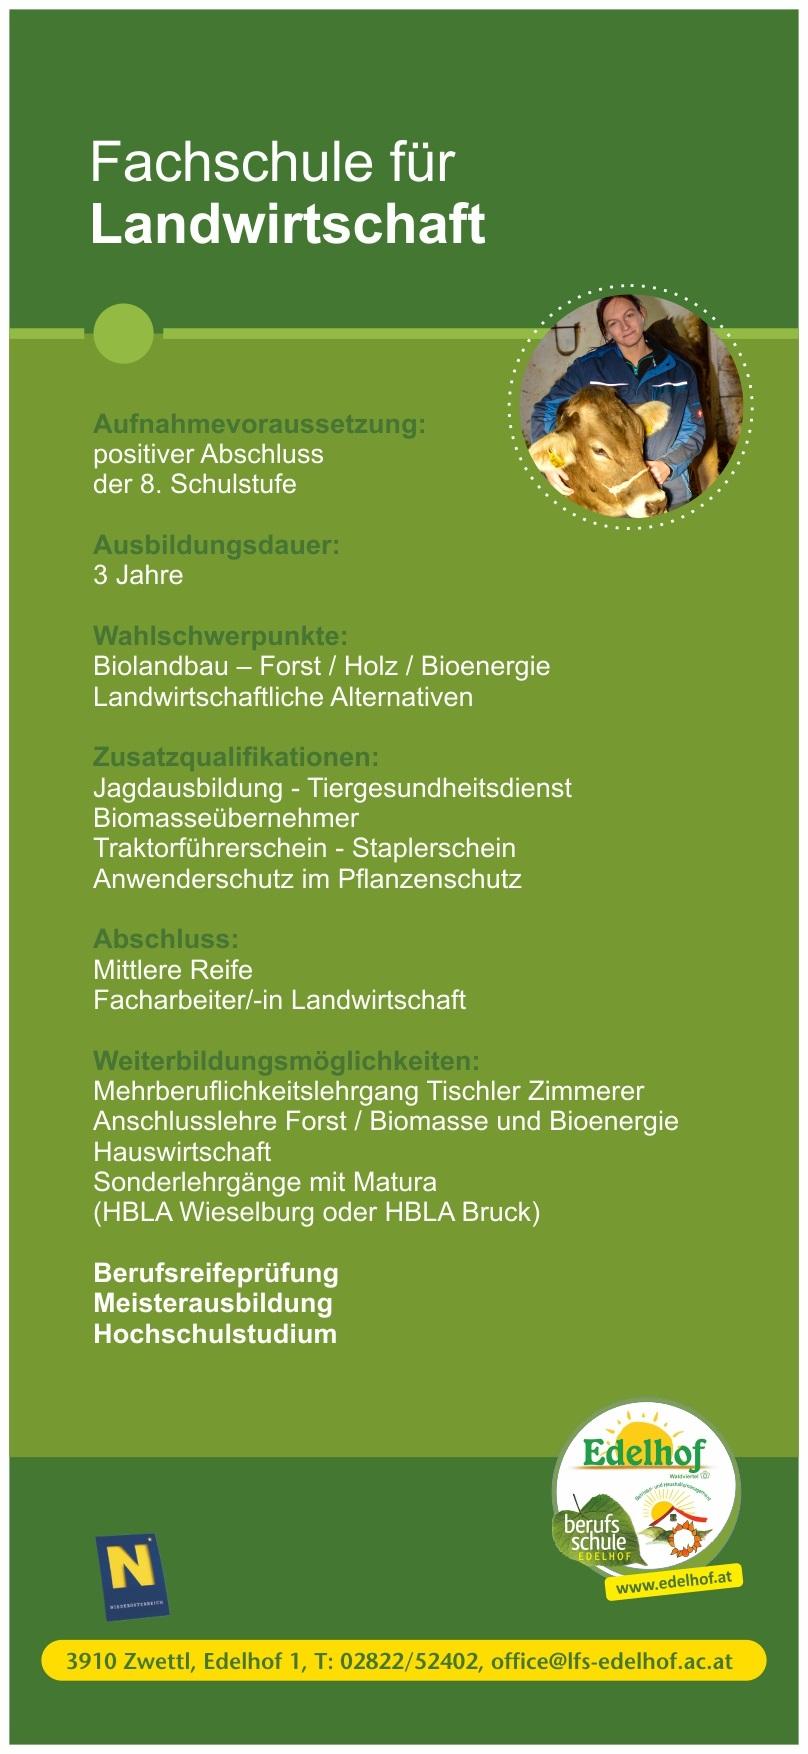 infoblatt_fachschule_landwirtschaft